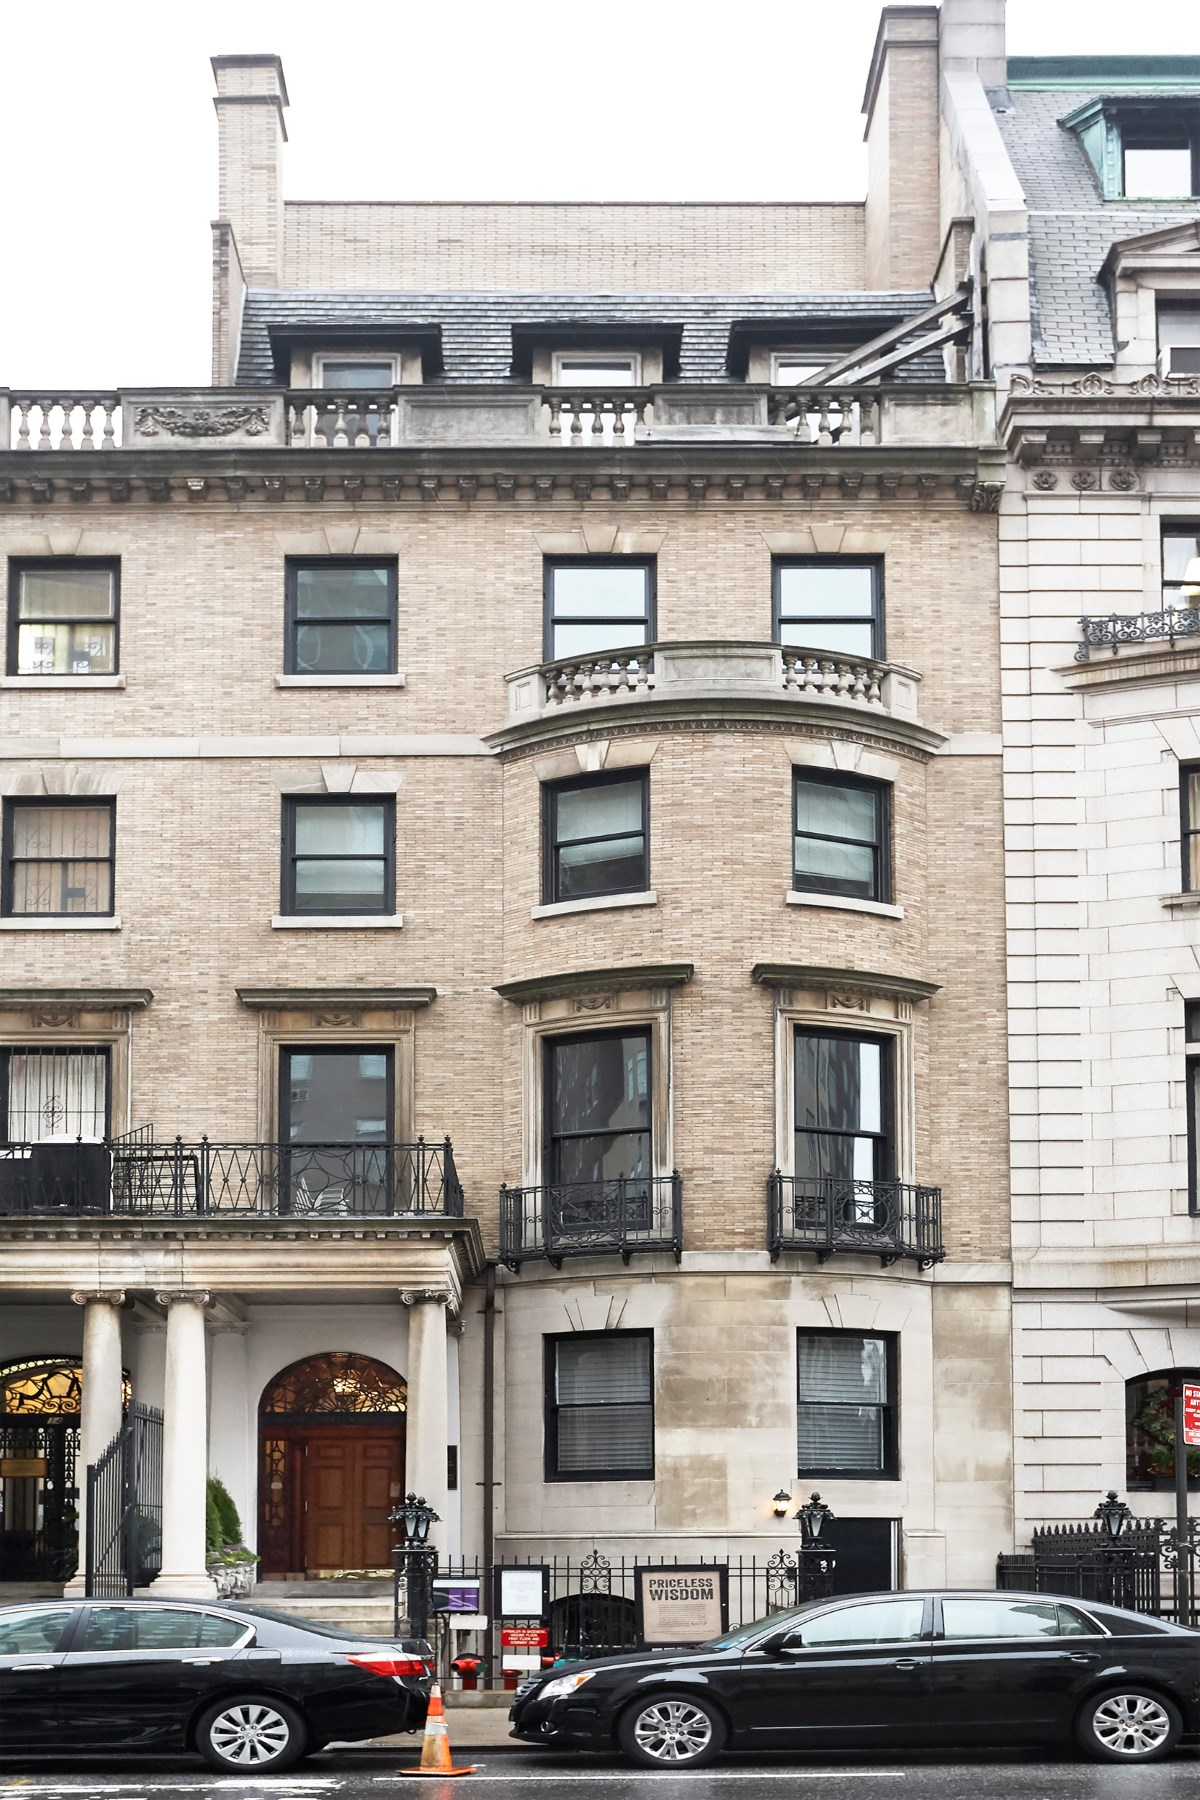 Частный односемейный дом для того Продажа на 12 East 79th Street Upper East Side, New York, Нью-Йорк, 10075 Соединенные Штаты